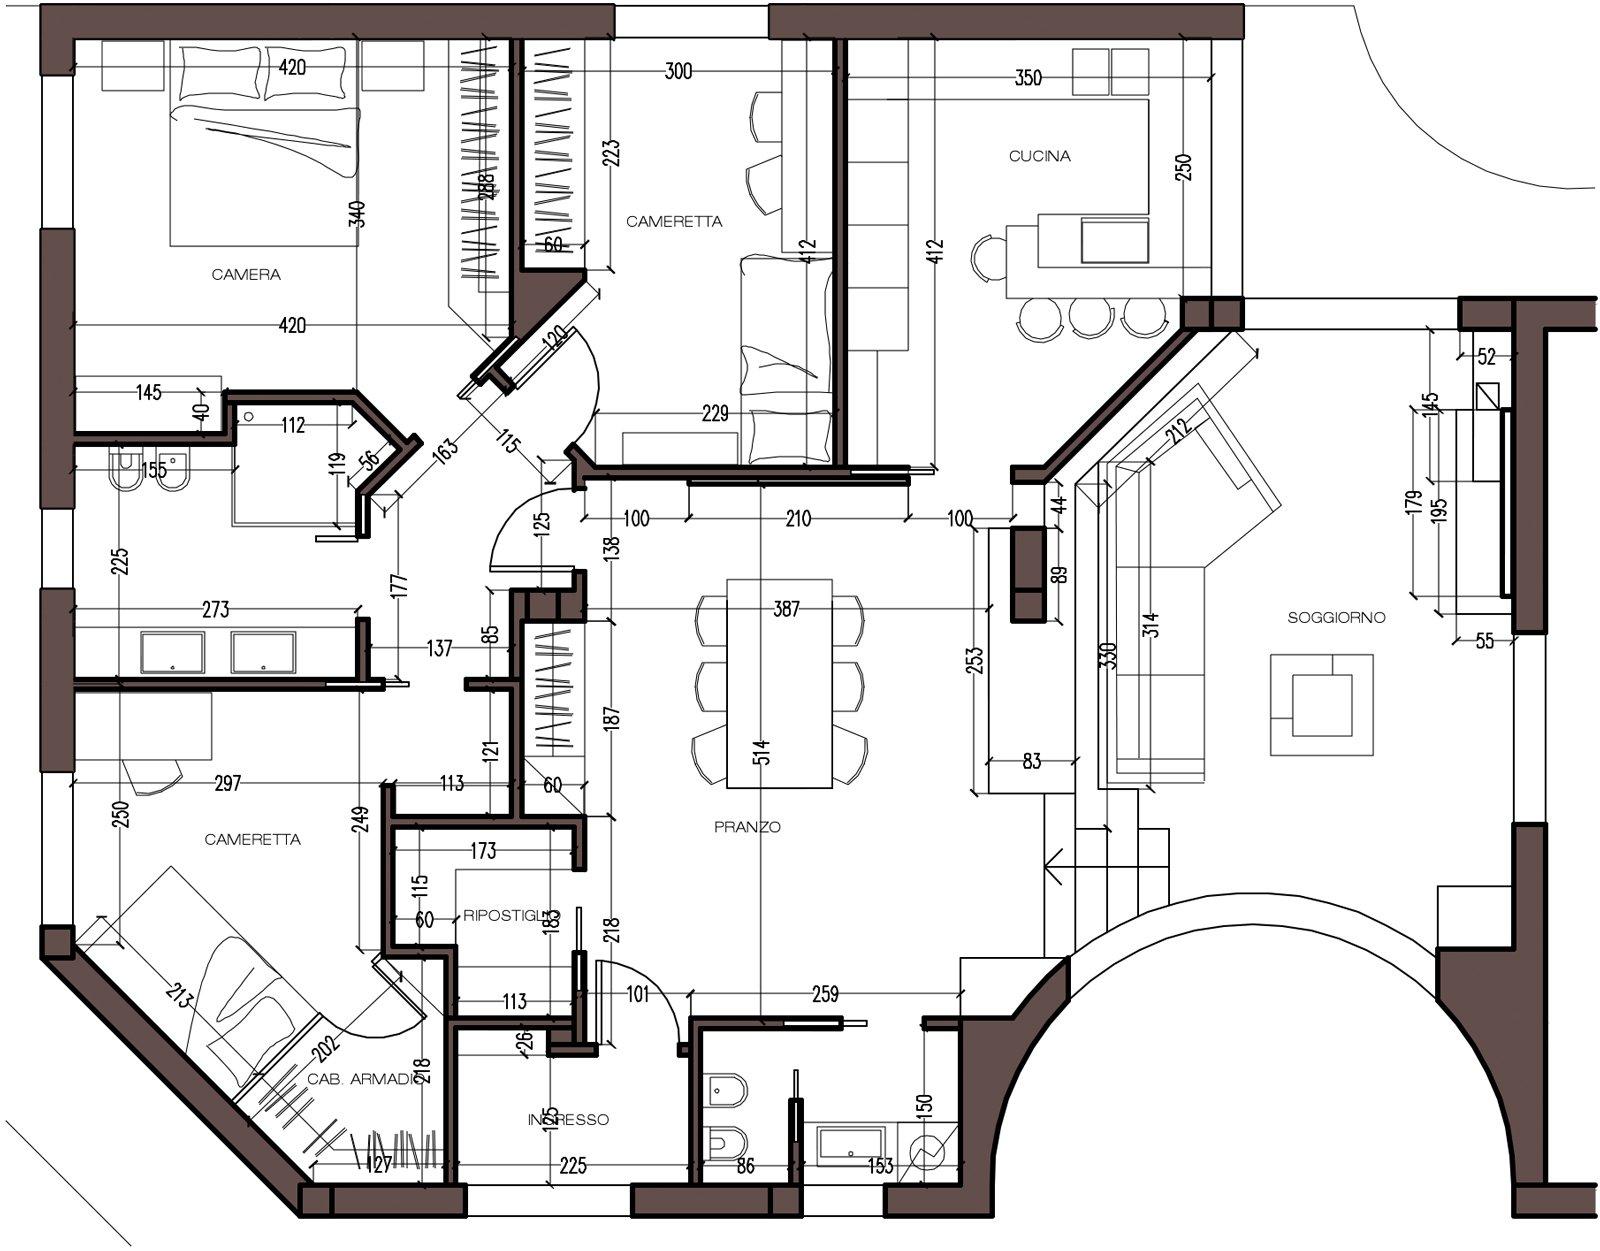 Pianta mansarda con dislivello cose di casa for Progetti case moderne interni